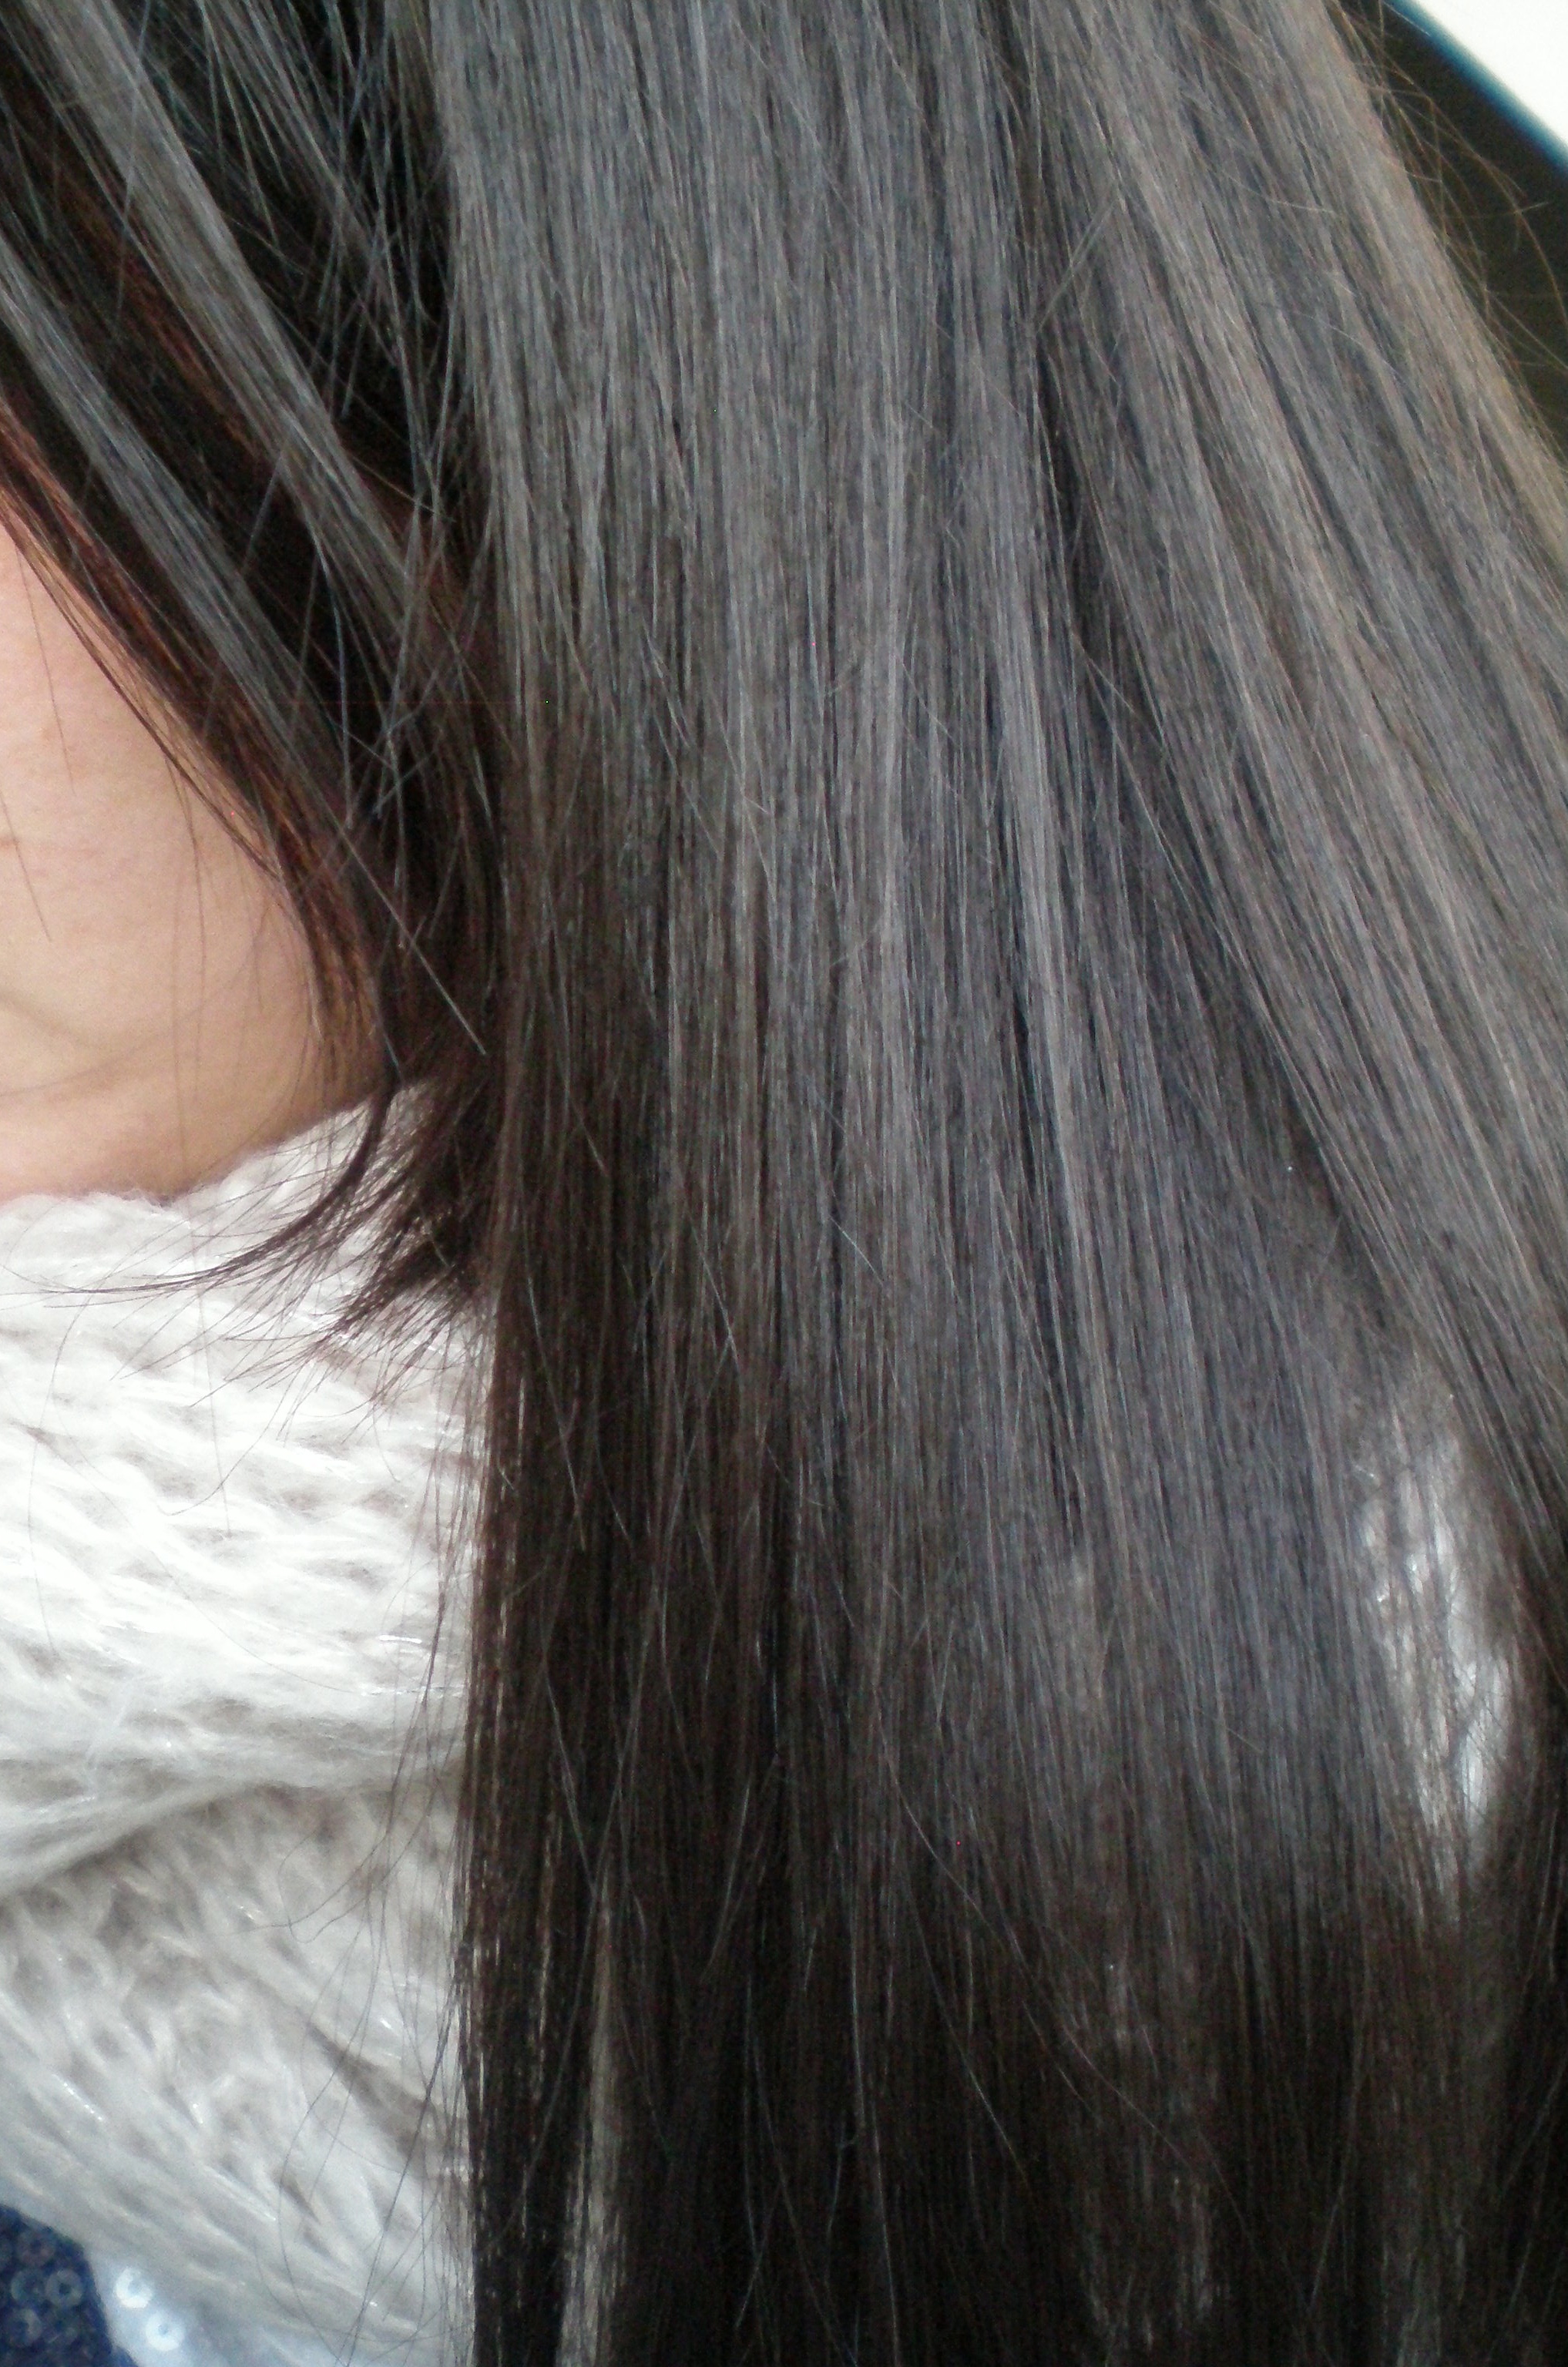 vaste blague pour certaines la chasse aux silicones dans les produits capillaires fait dsormais partie de mon quotidien le silicone cest quoi au juste - Shampoing Cheveux Colors Sans Silicone